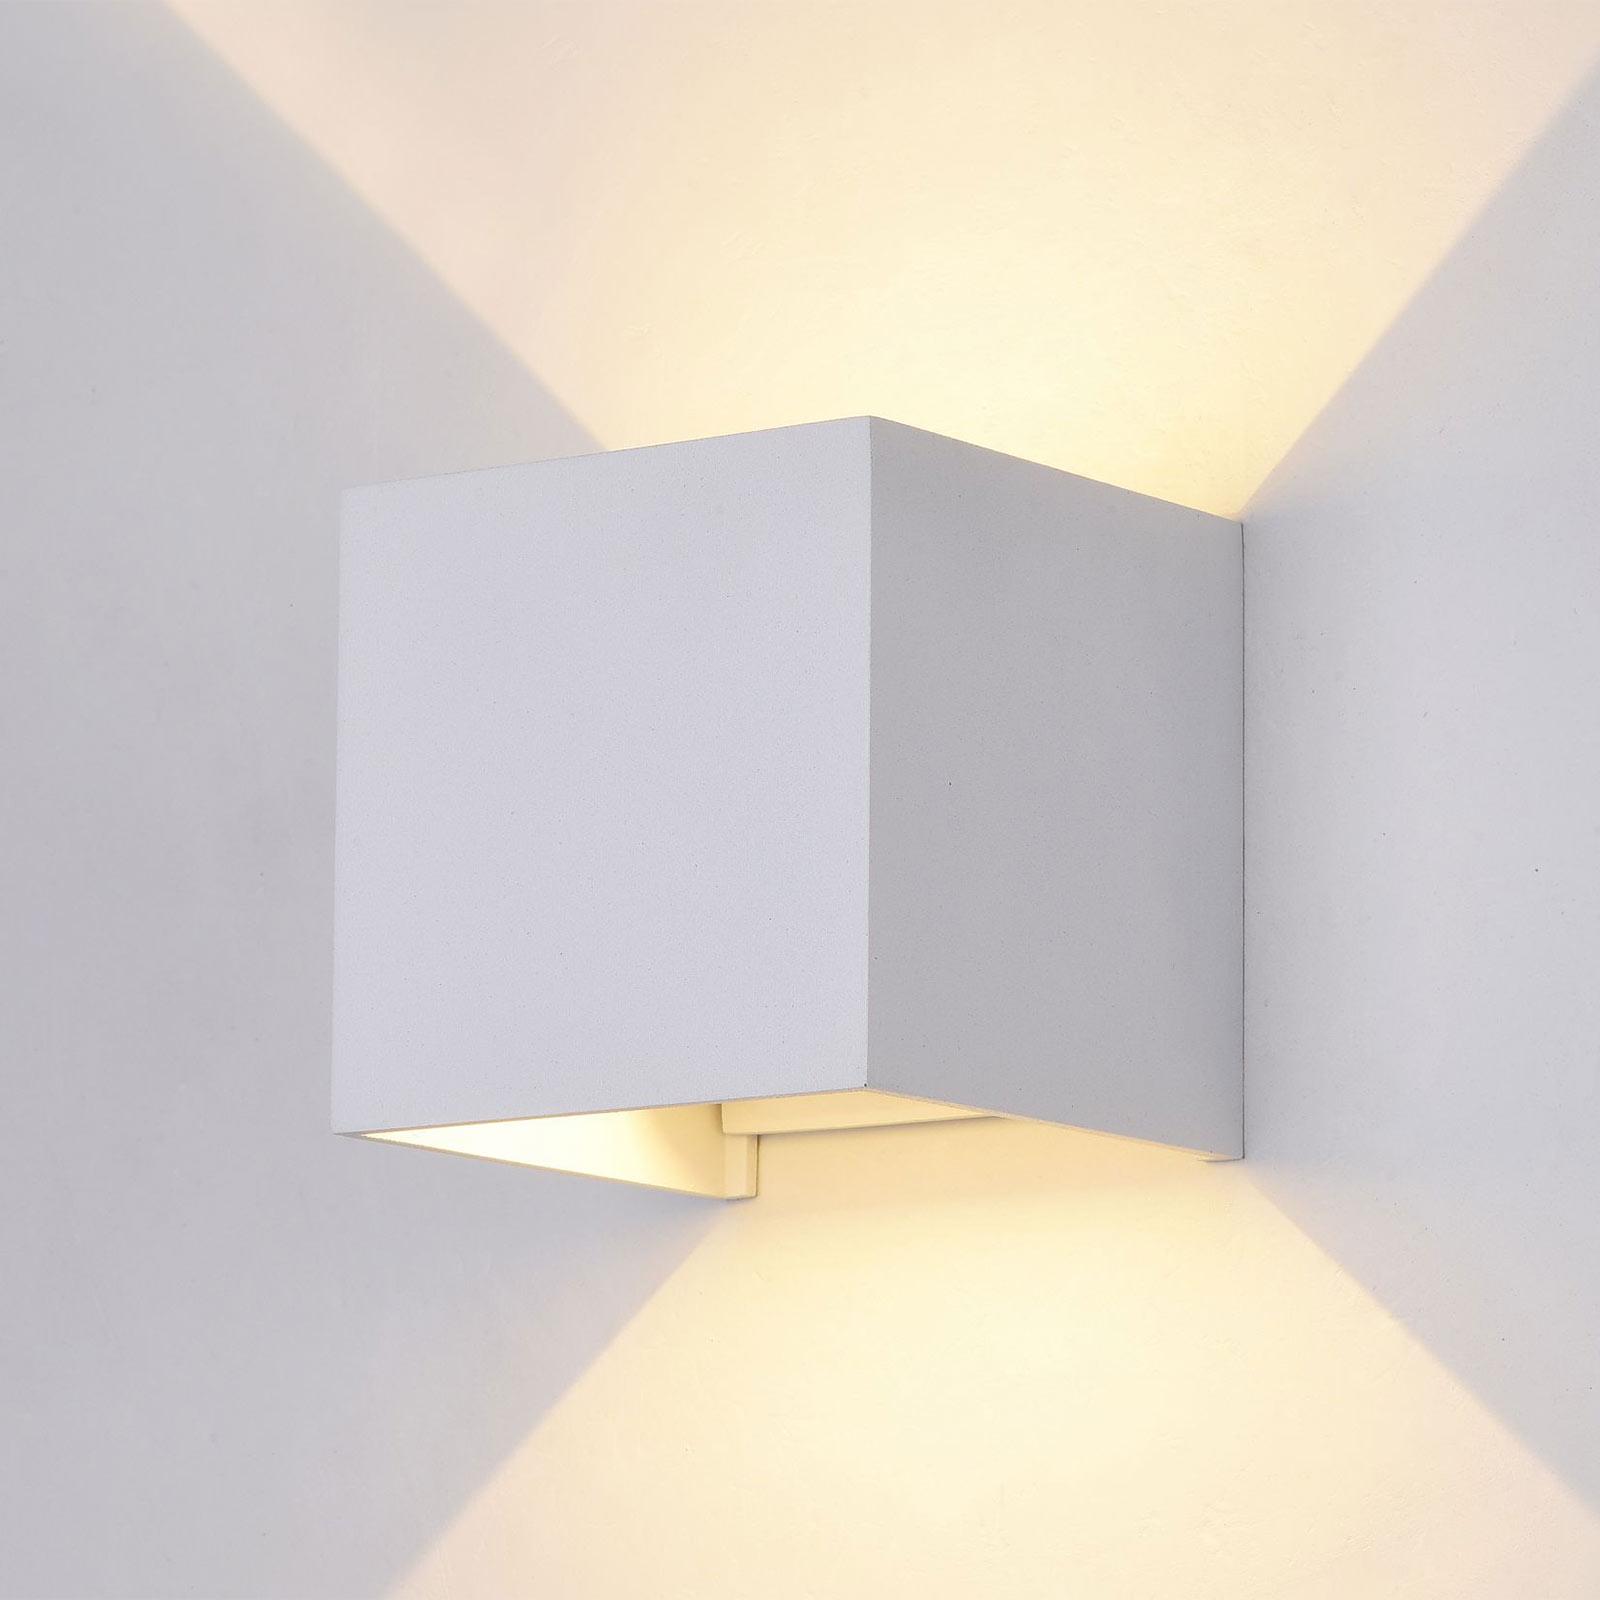 LED-ulkoseinävalaisin Fulton, 10 x 10cm, valkoinen